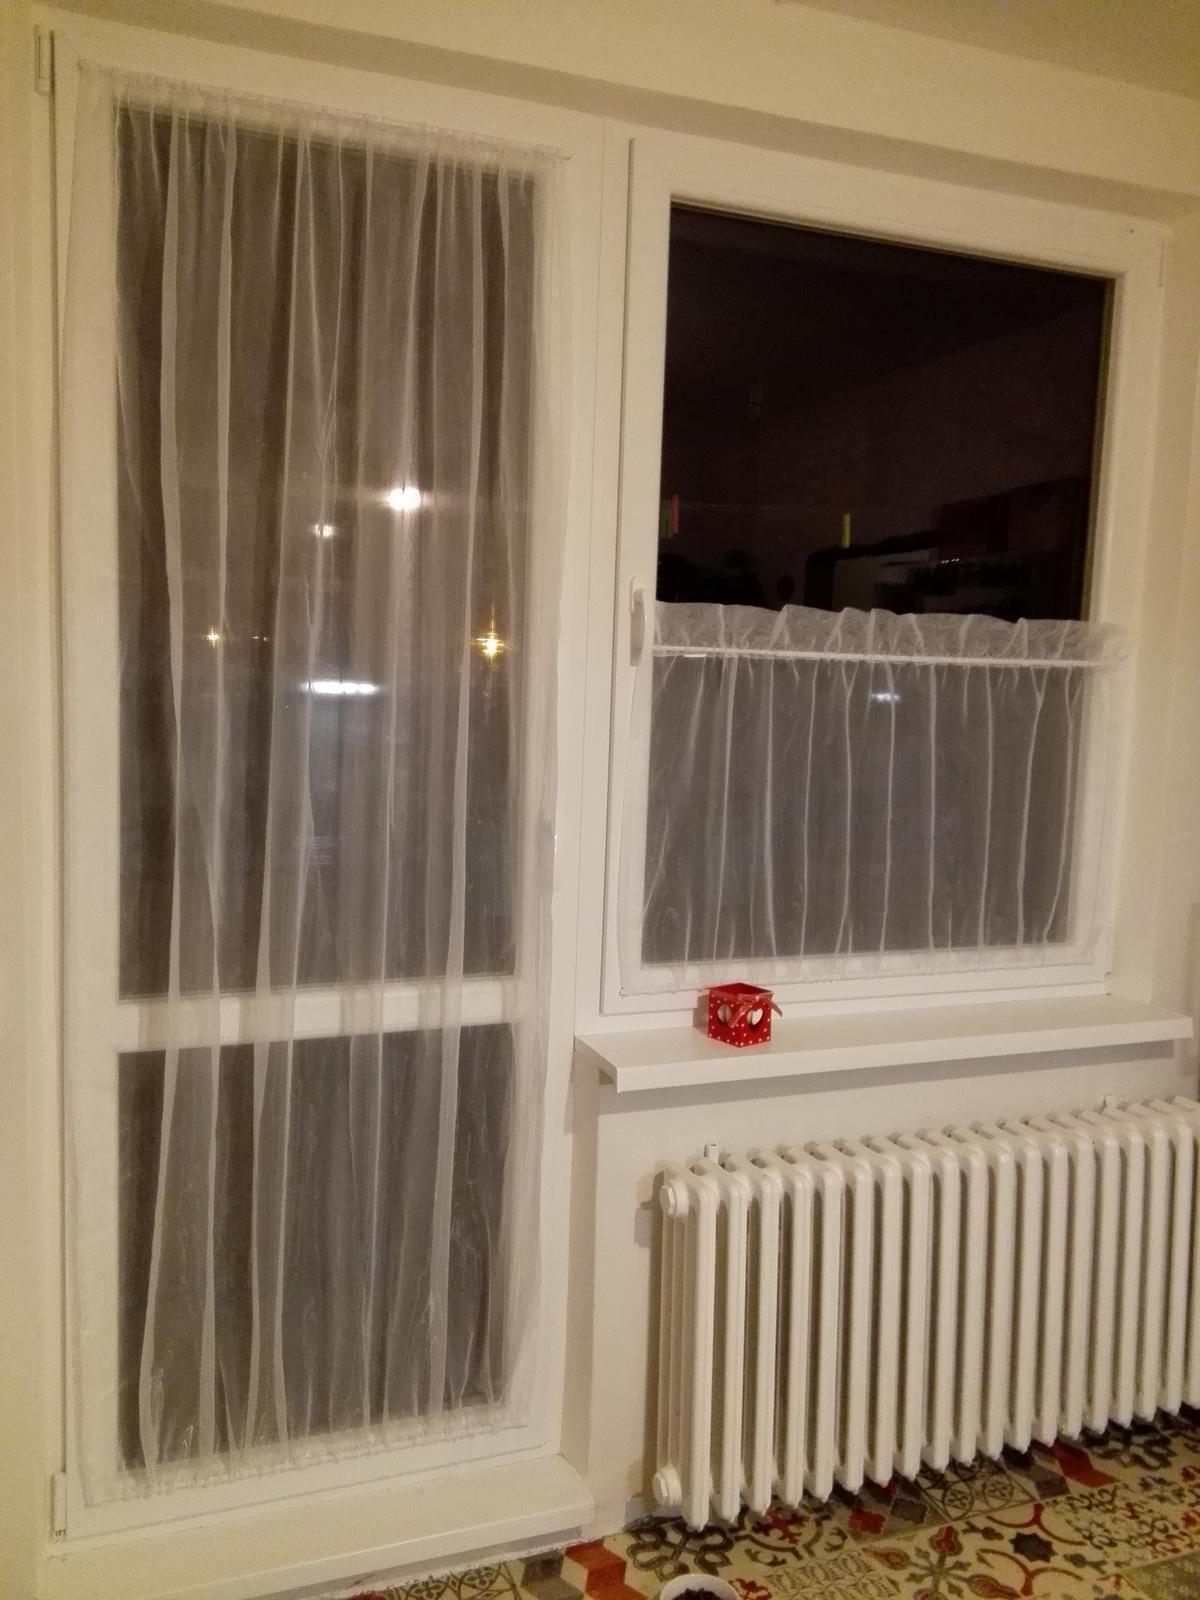 Kuchyňa - Rysuje sa zaclona na okno :-) este musime zajtra doladit